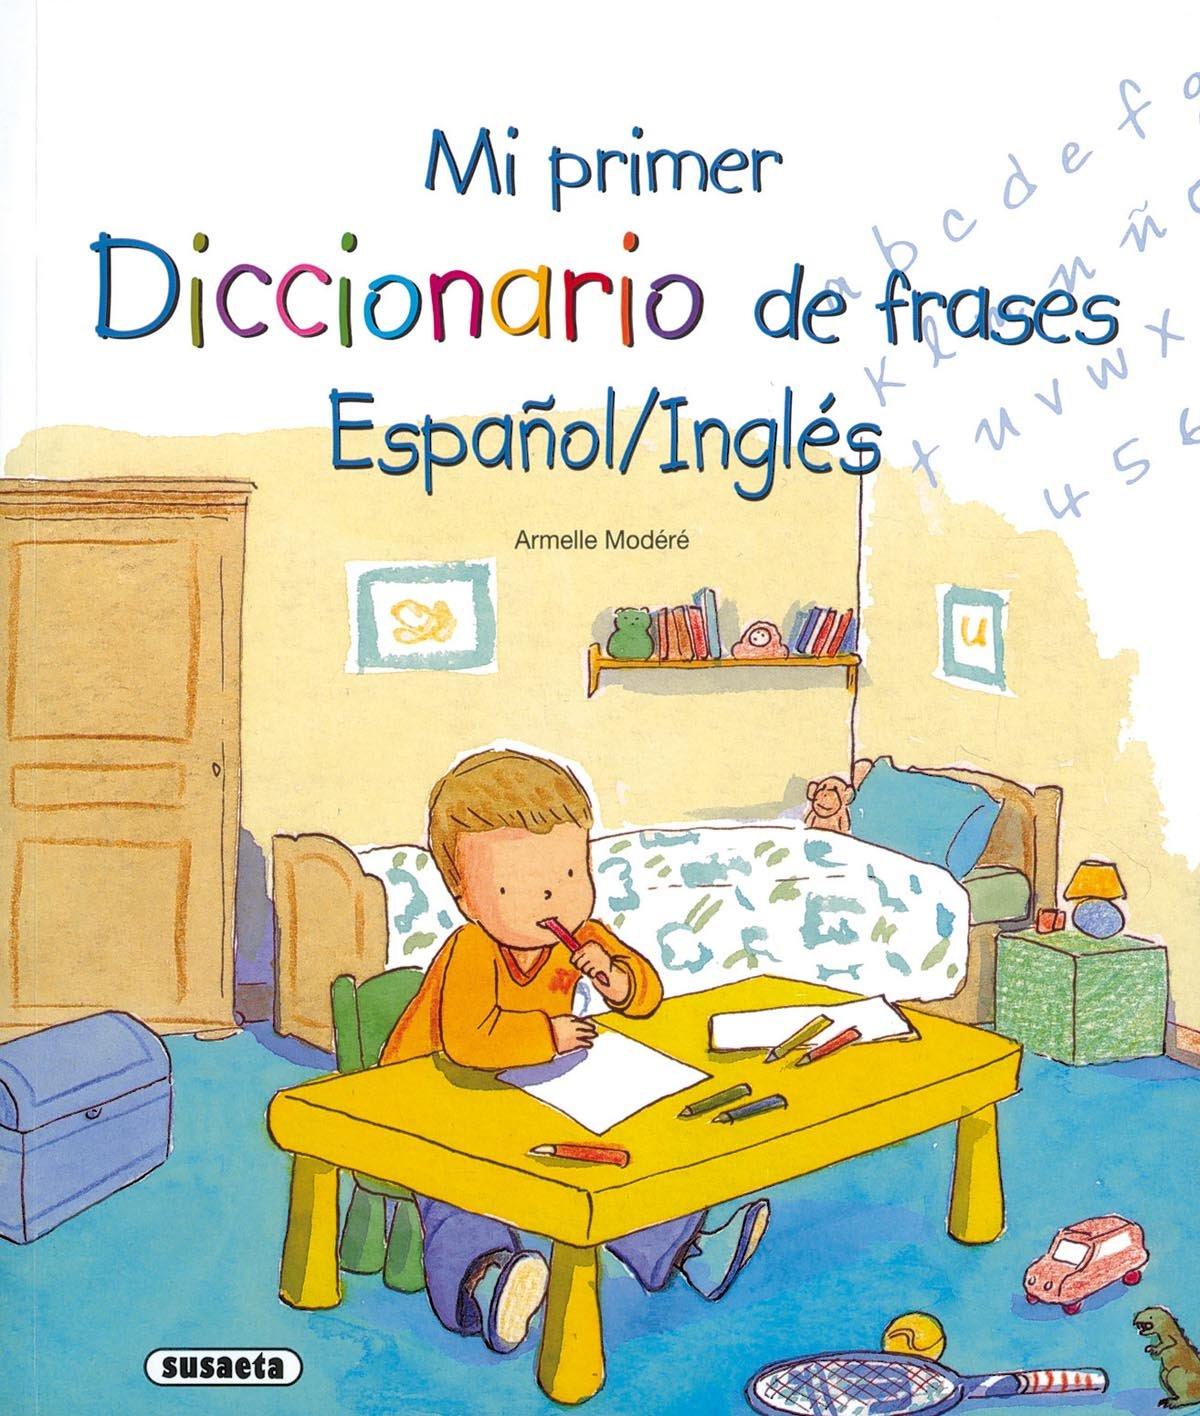 Mi Primer Diccionario De Frases Español Inglés Mi Primer Diccionario Frases Español Inglés Spanish Edition Susaeta Equipo 9788430573226 Books